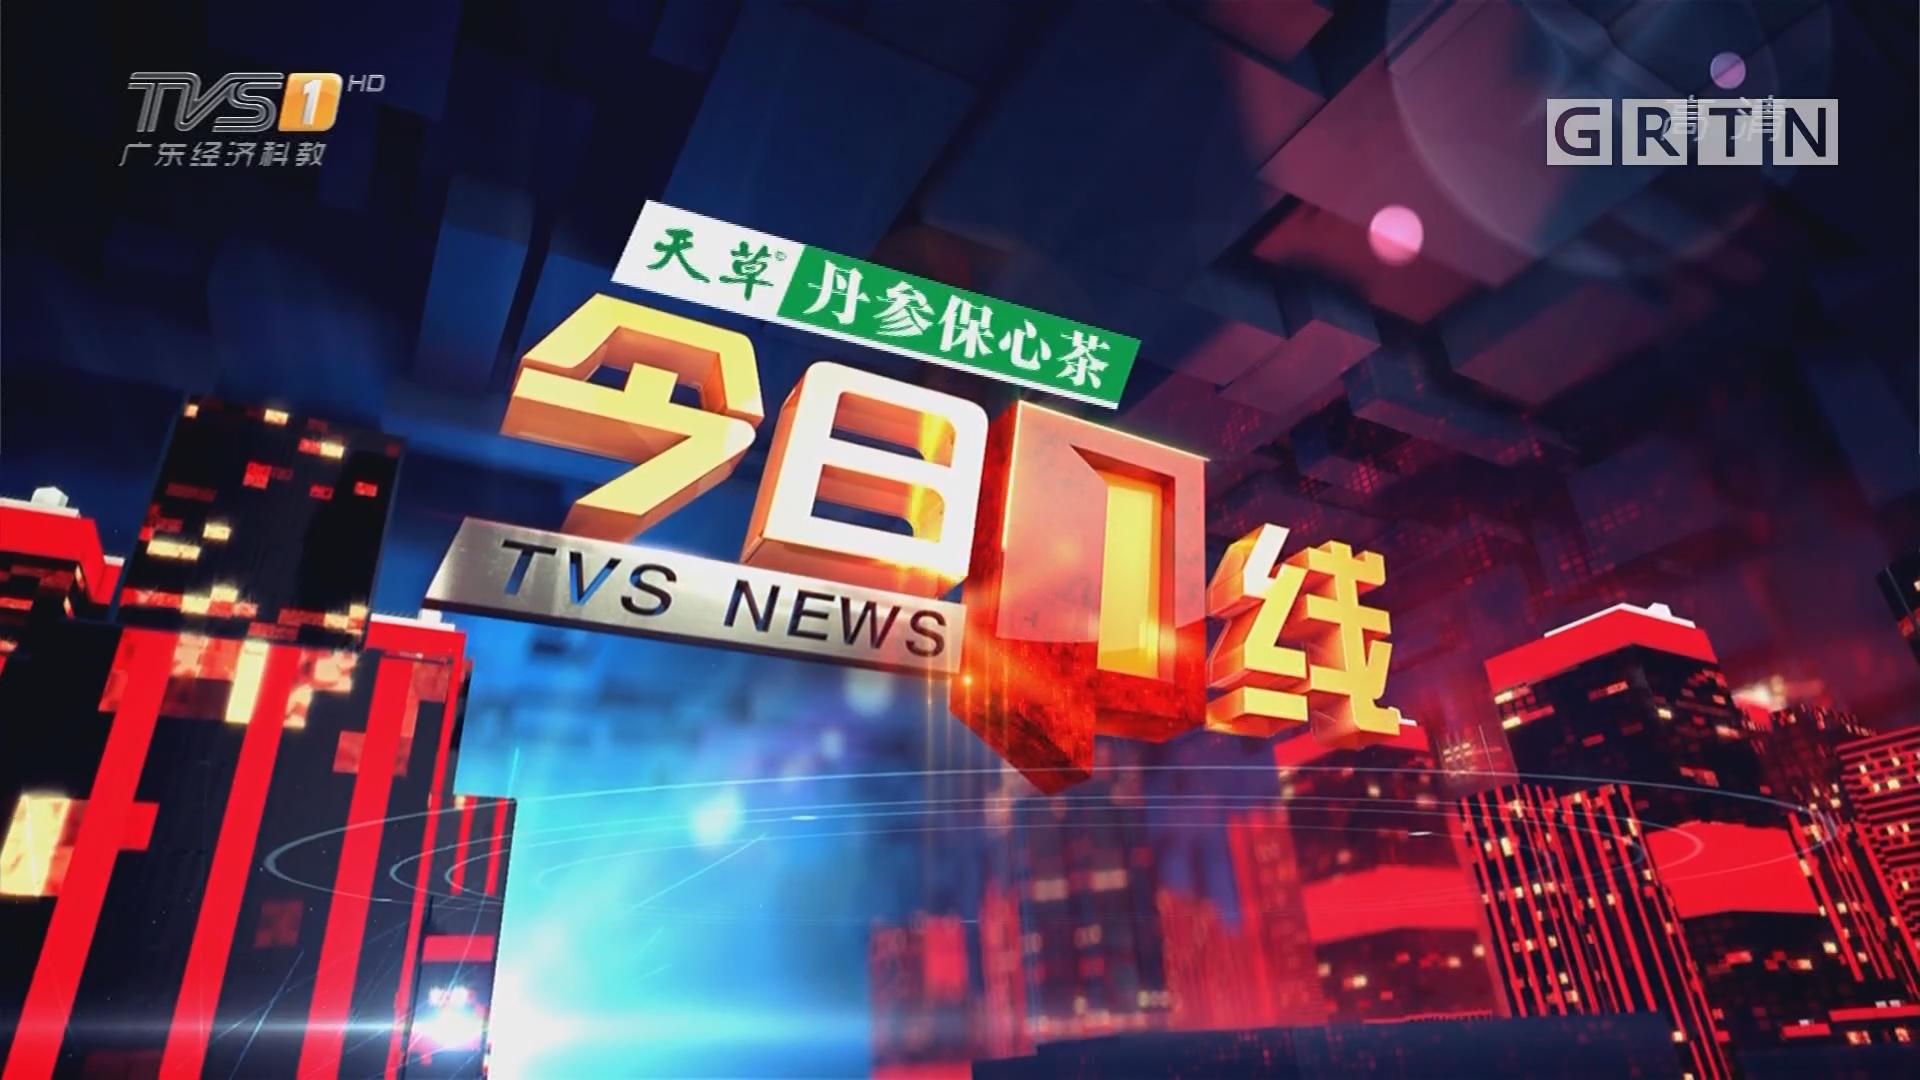 """[HD][2019-01-12]今日一线:广州市海珠区:河涌突然变成""""绿丝带"""" 长100余米"""